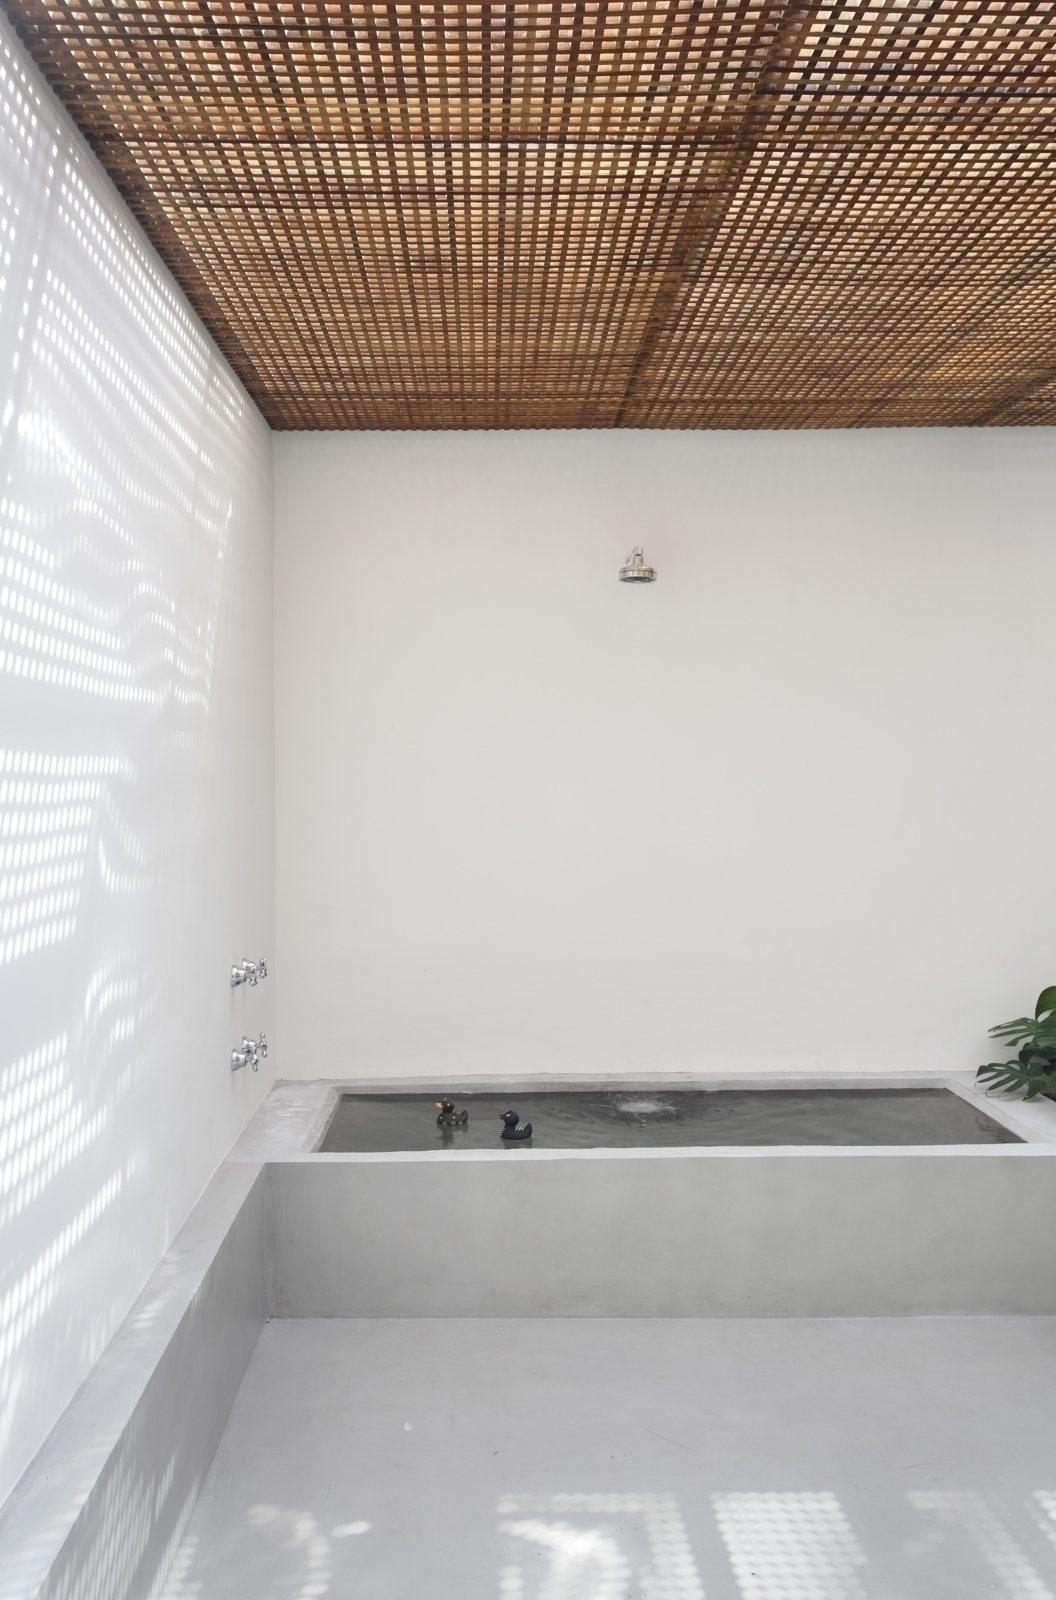 Bathroom brise soleil ceiling.  - upinteriors | ello